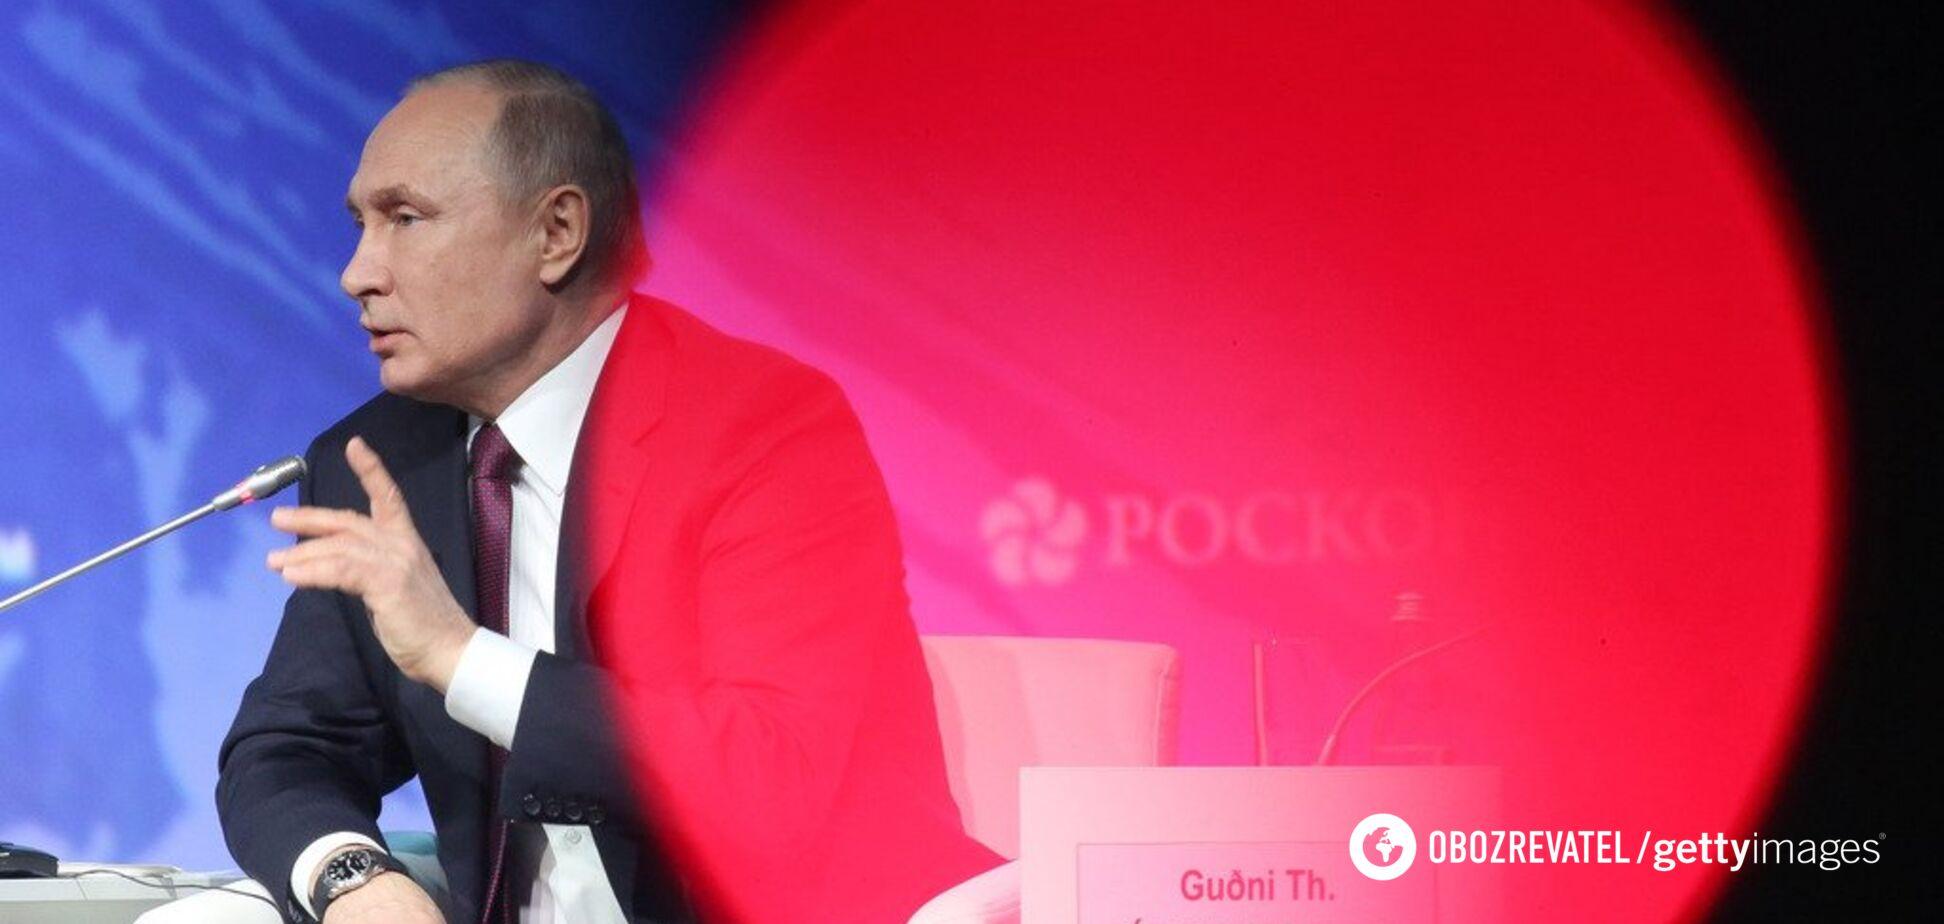 'Путін привітав Зеленського!' Кремль підловили на рішучому кроці до війни